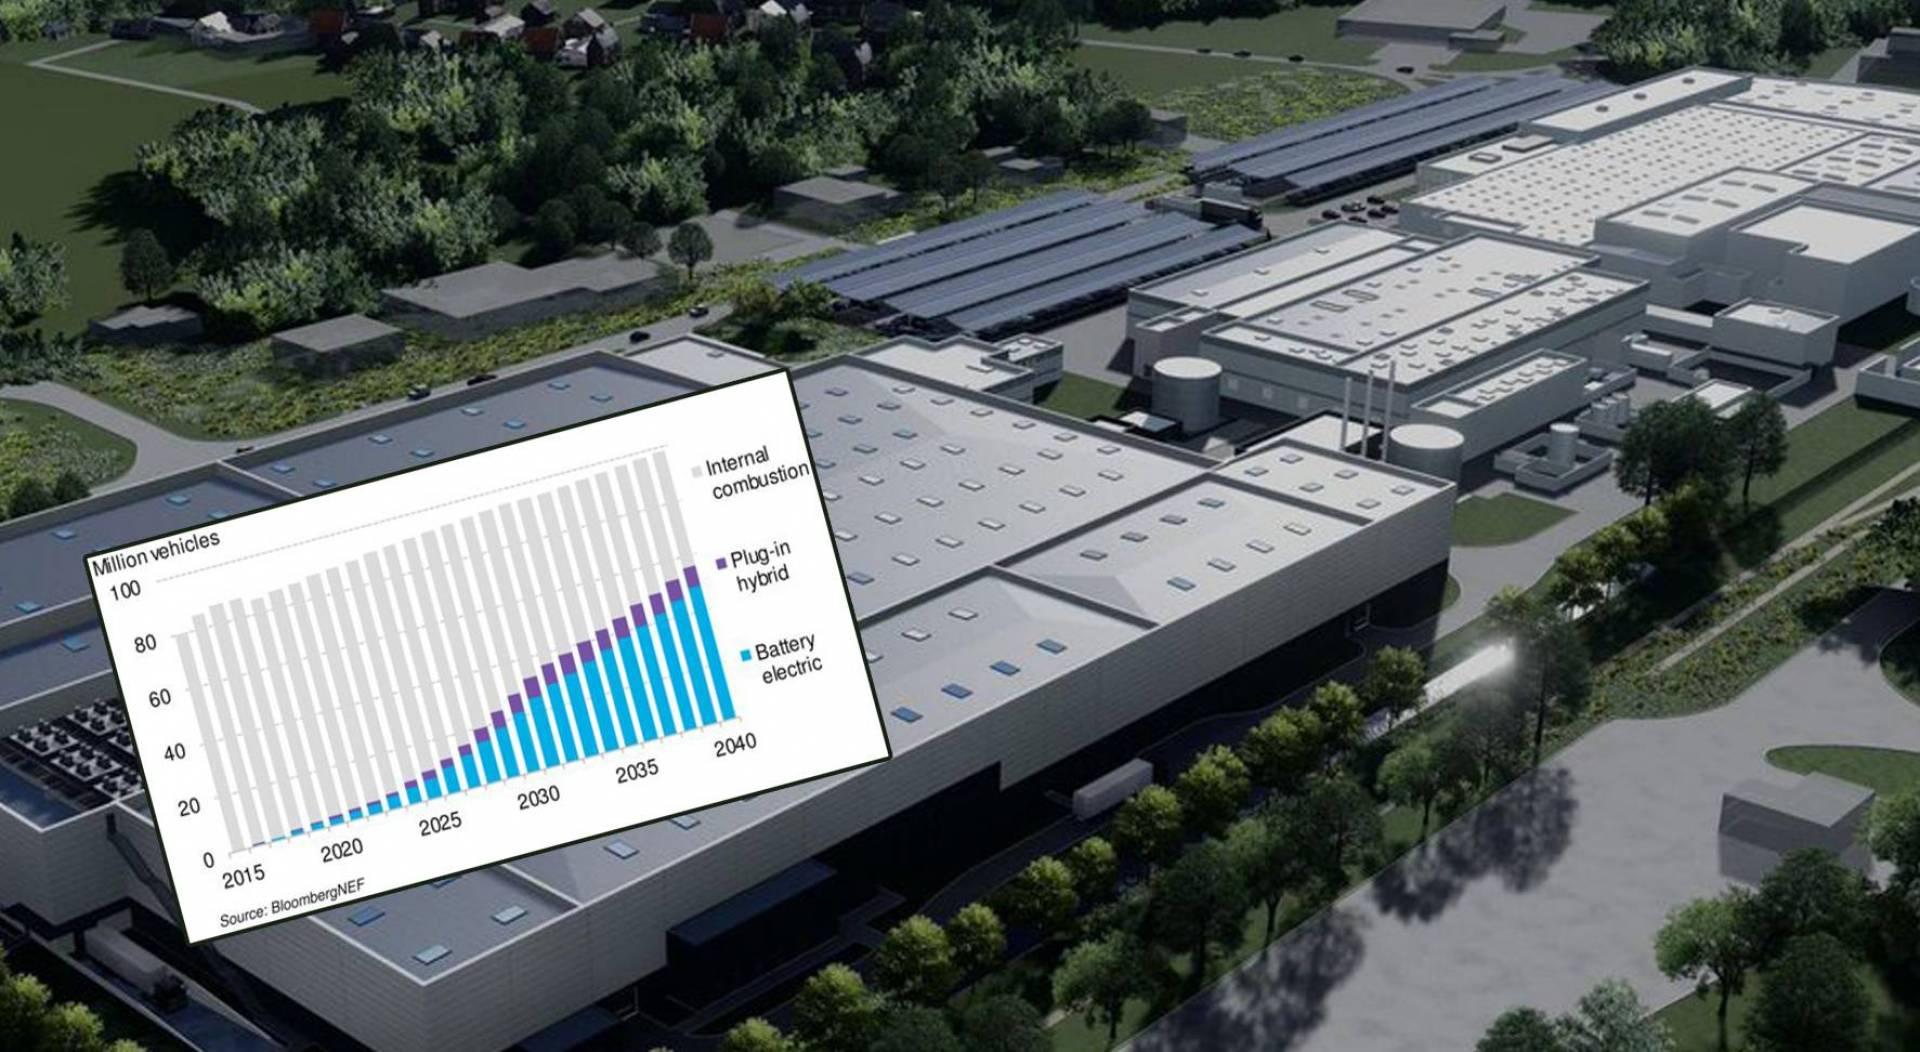 أوروبا تنشئ مصنعاً عملاقاً لبطاريات السيارات الكهربائية